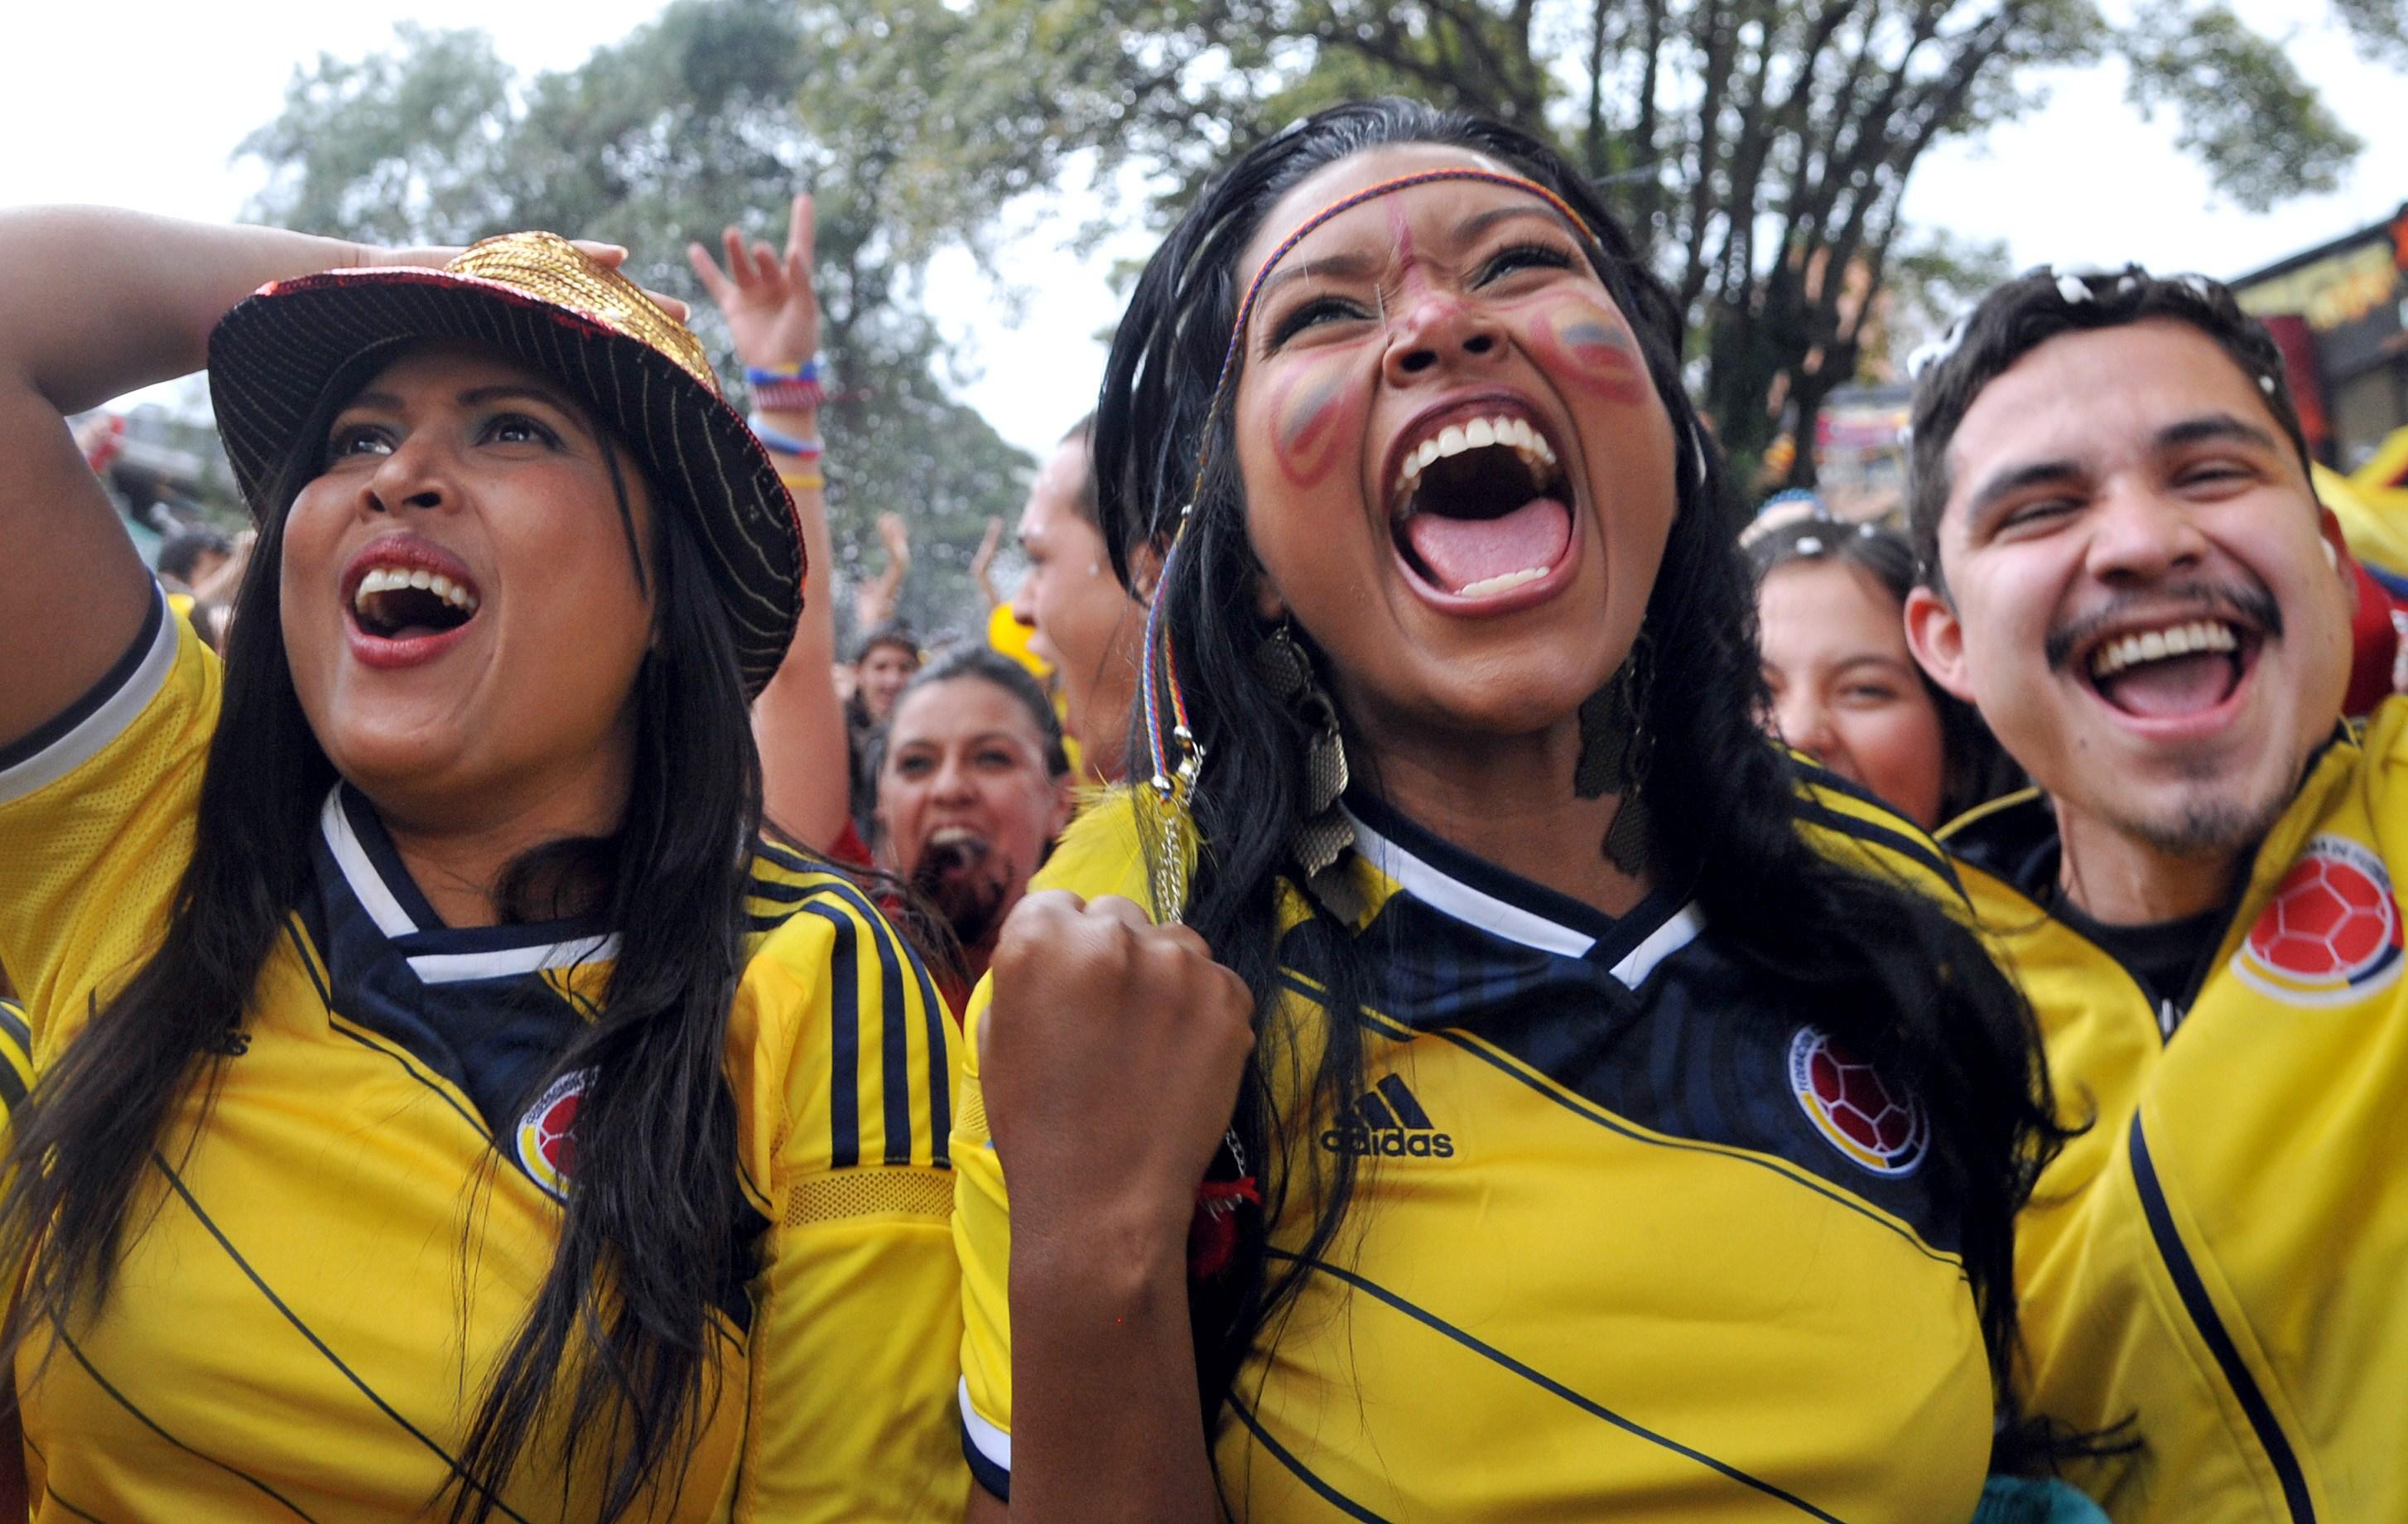 Campionatul Mondial de Fotbal 2014. O tanara a murit in timpul manifestarilor de bucurie de dupa calificarea Columbiei